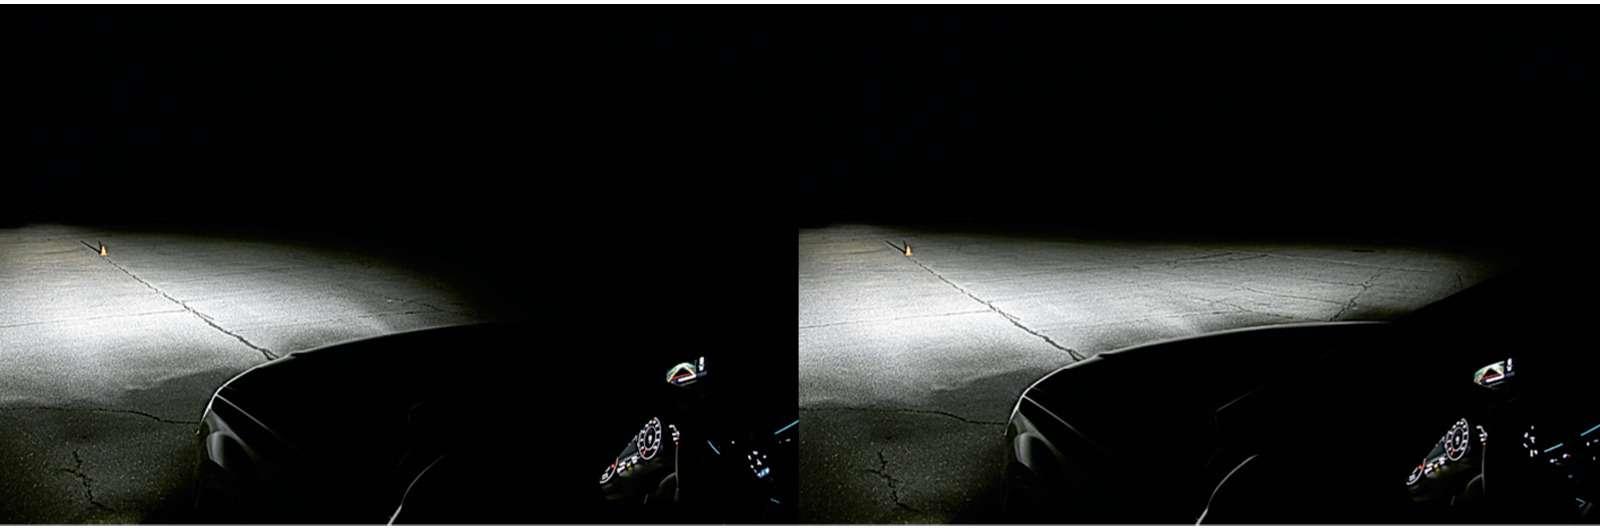 Супертест светодиодных фар: какая из10машин заглянет дальше?— фото 601106